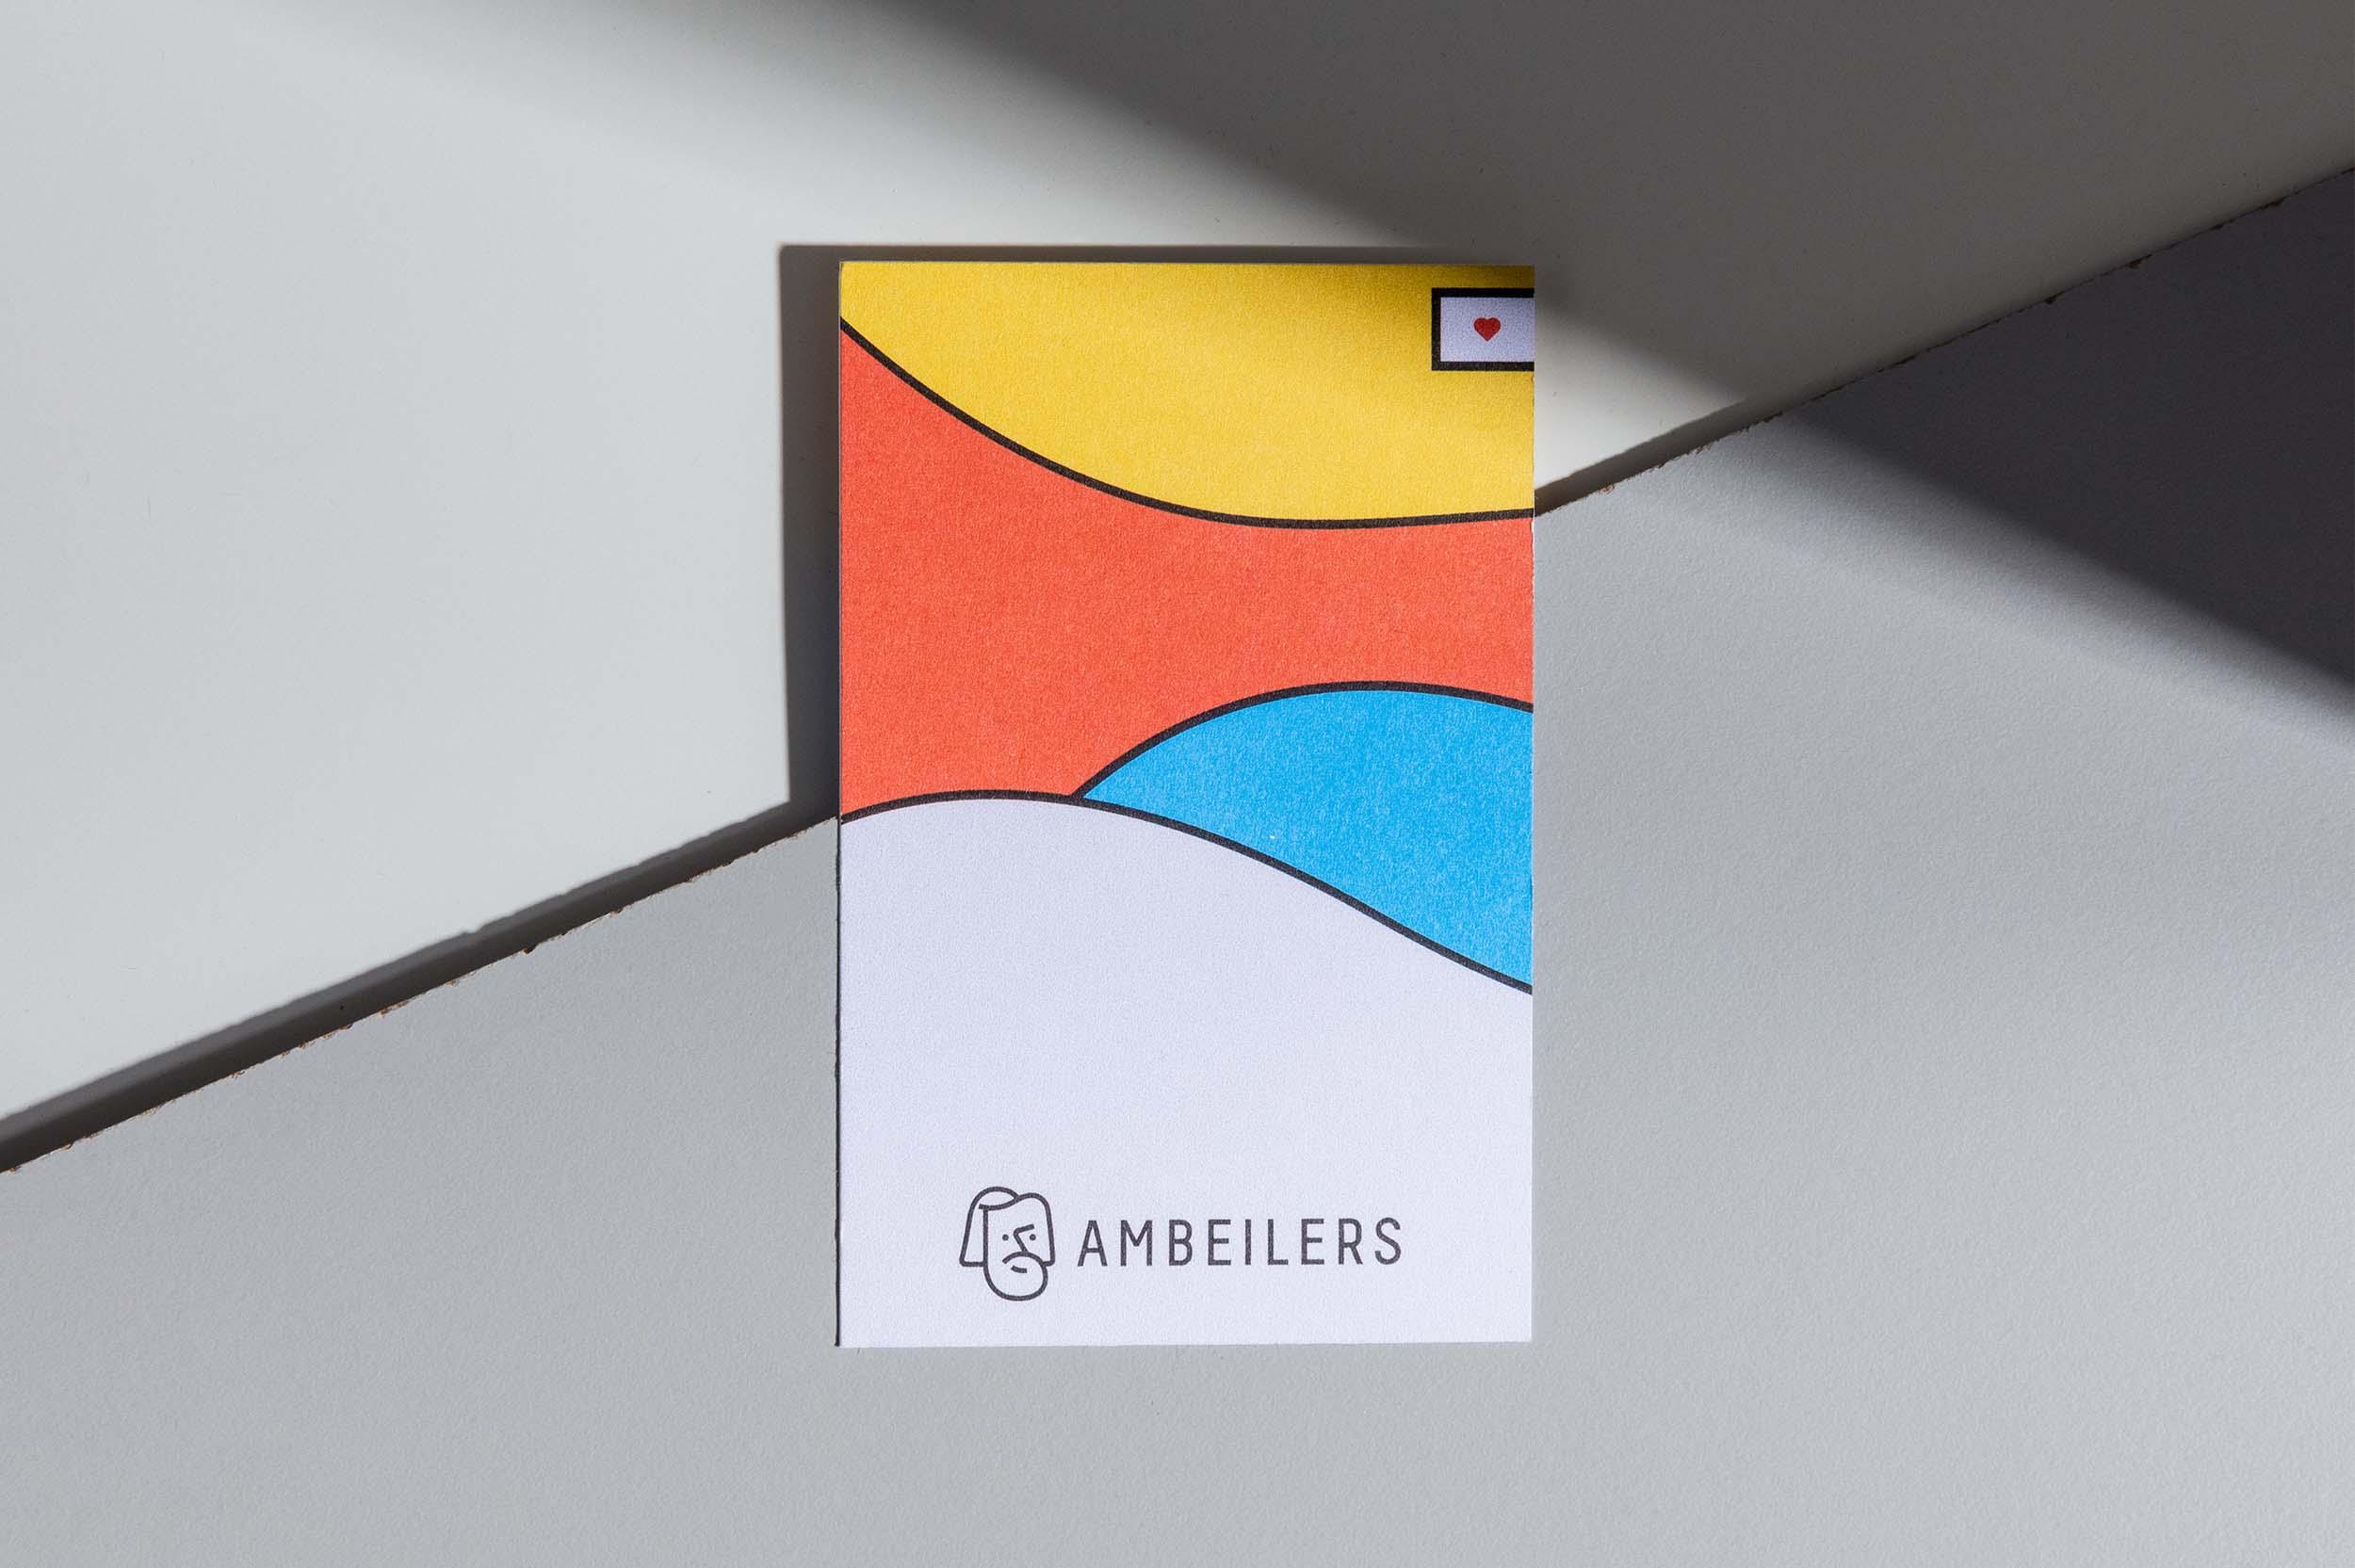 Vorderseite der Visitenkarte mit farbigem Visual und Logo für Ambeilers, liegend auf grauem Hintergrund